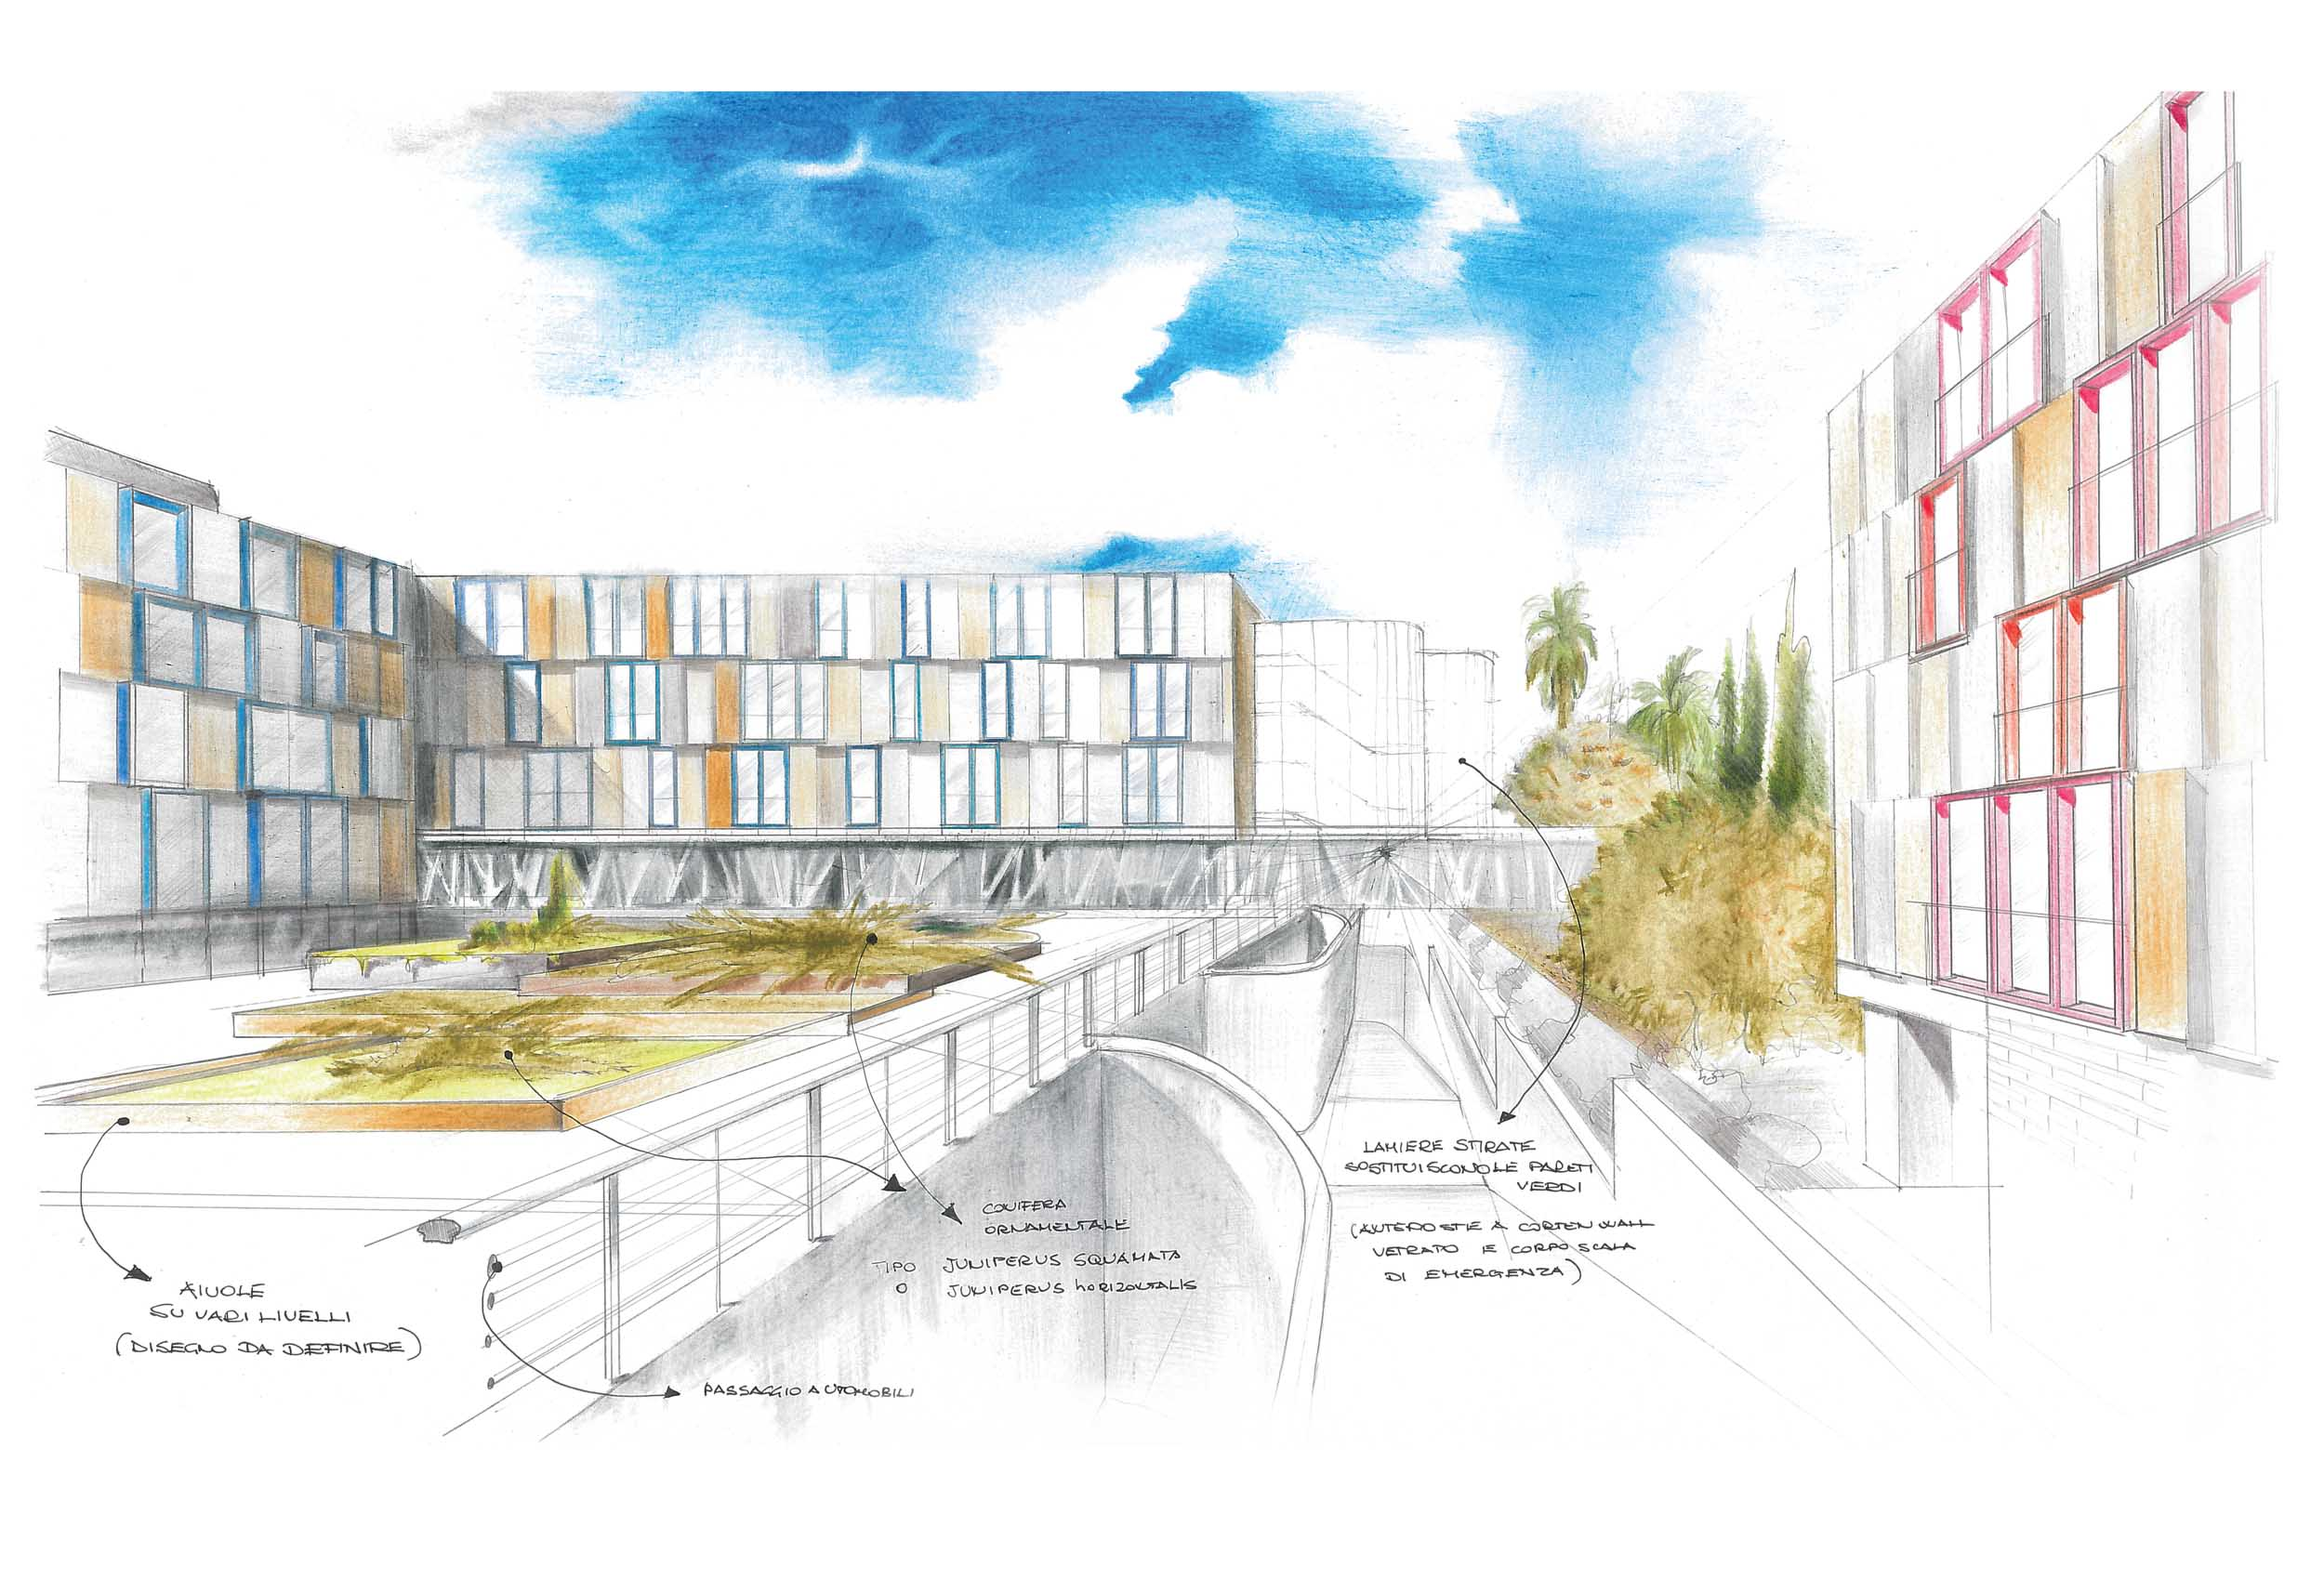 L'architettura che respira (4)-rid